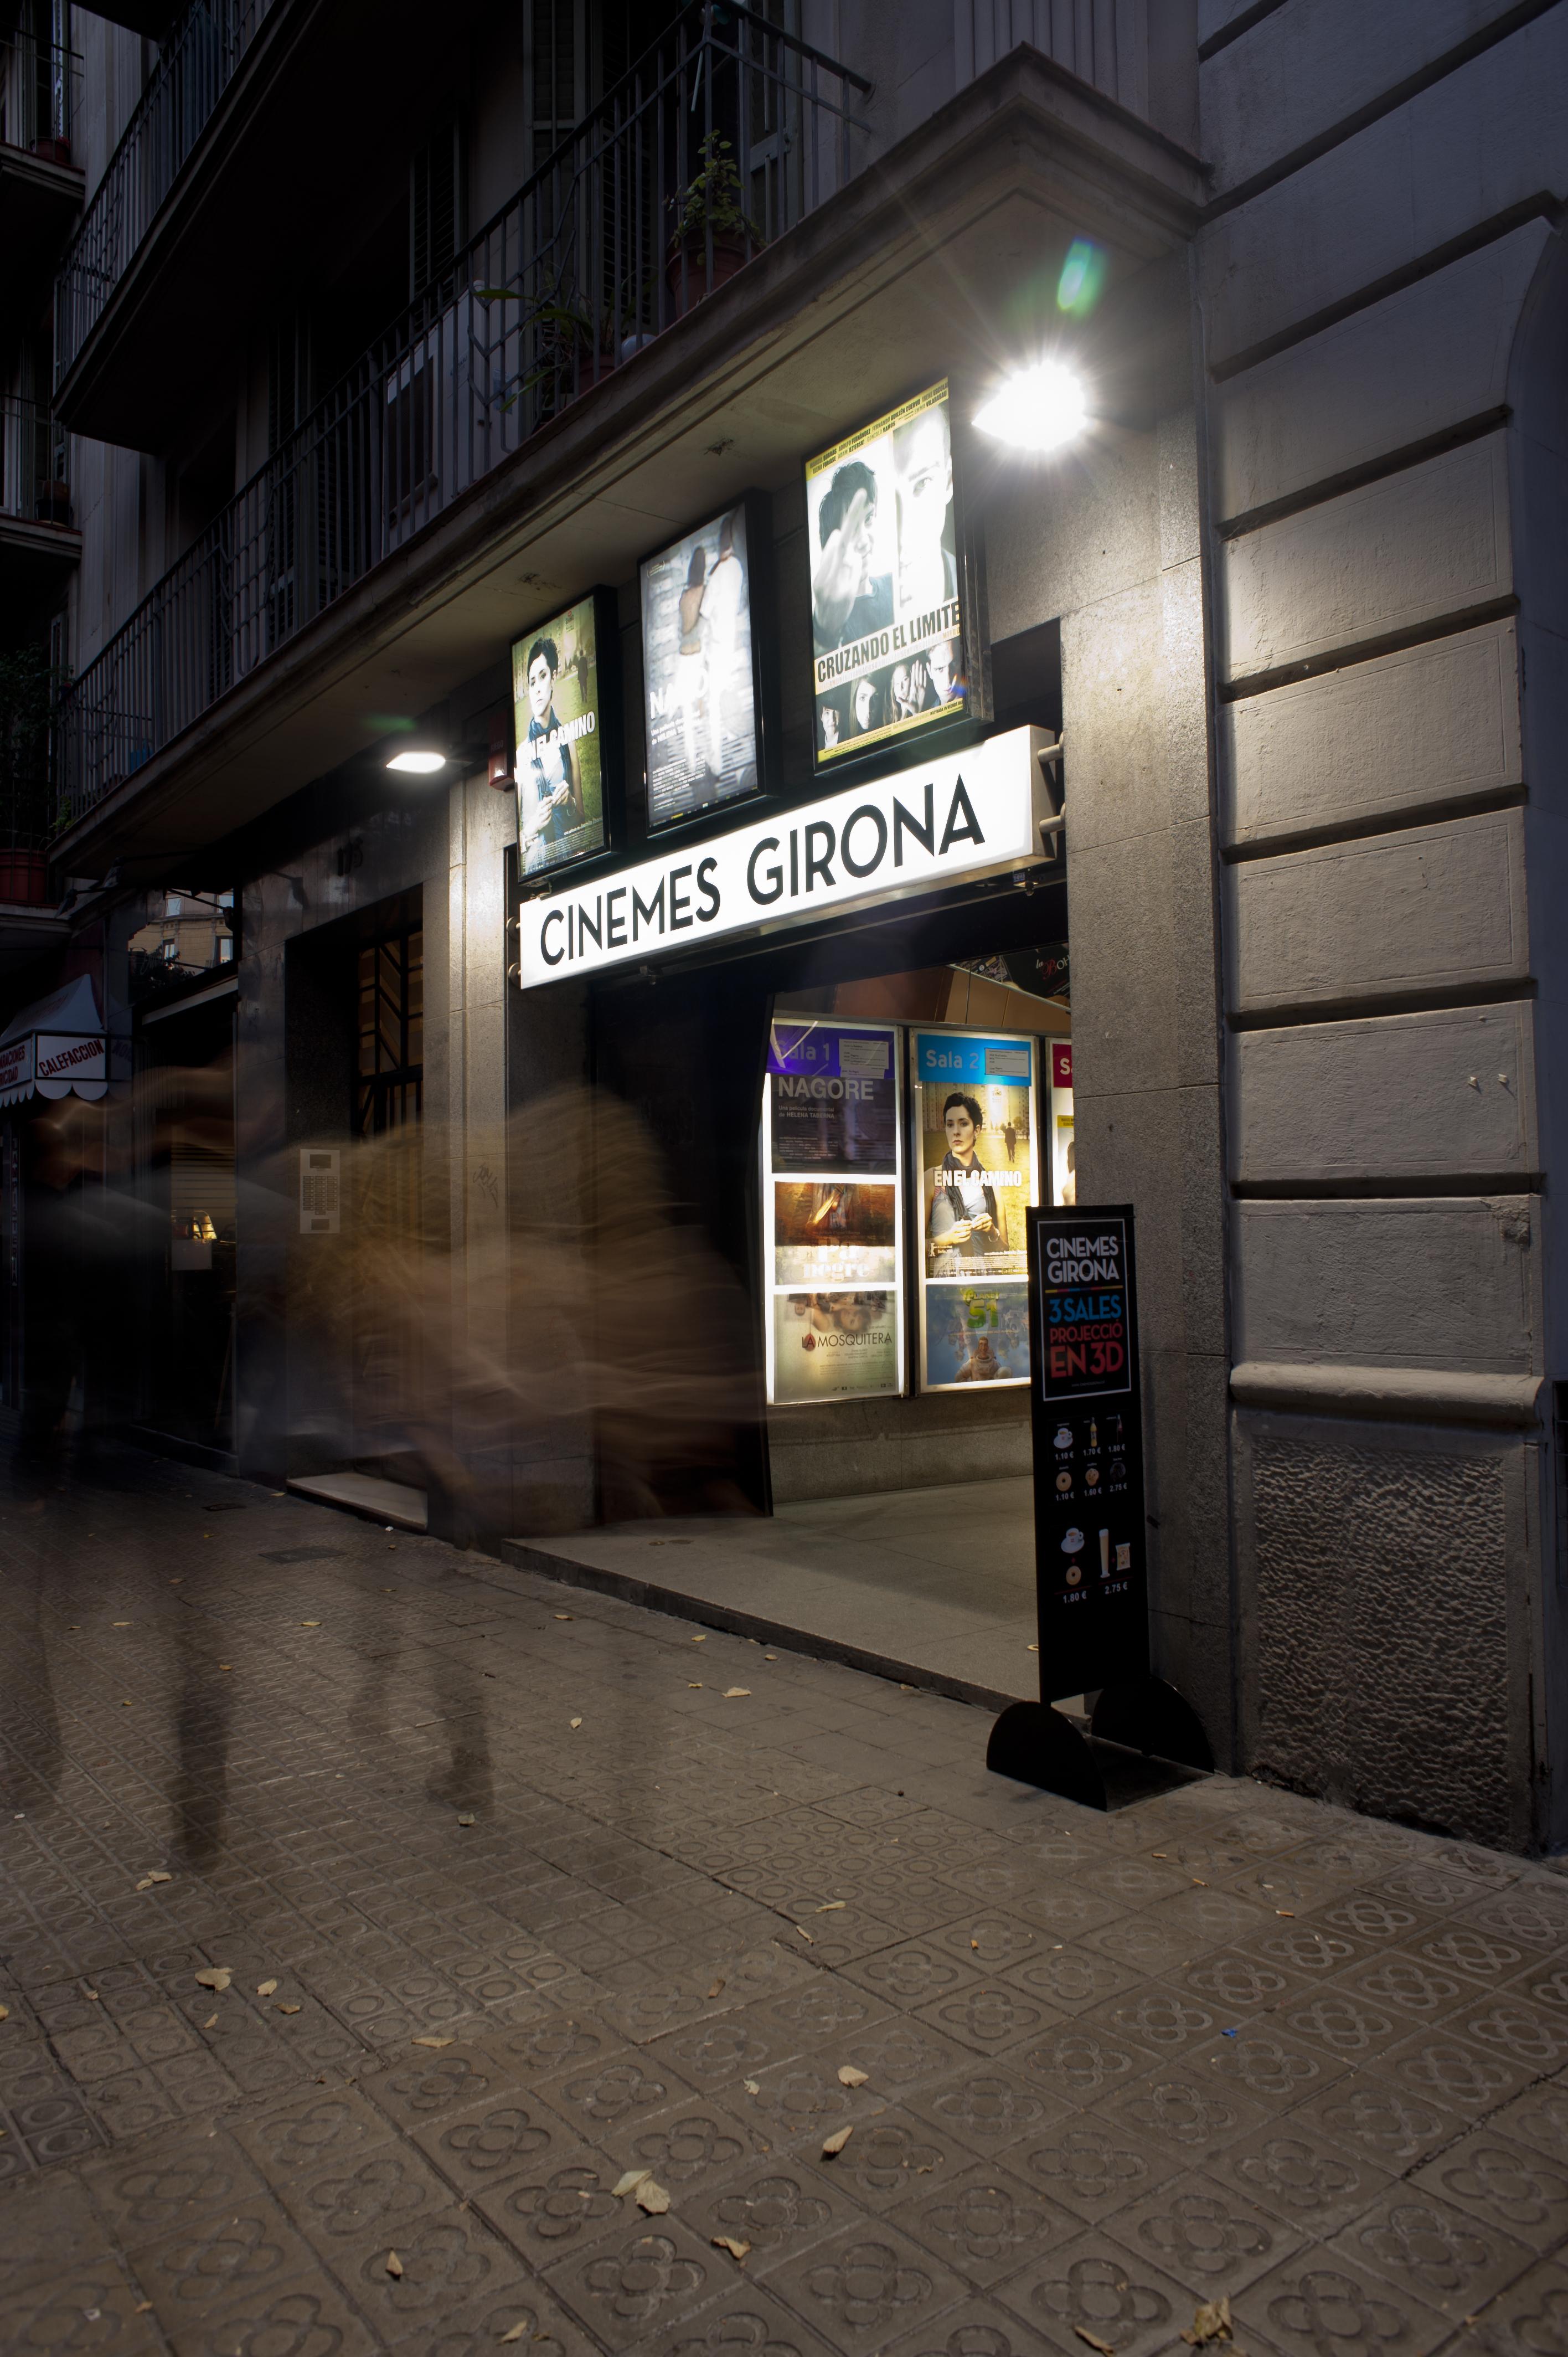 Cinemes Girona, tornen i posen mil abonaments anuals a la venda